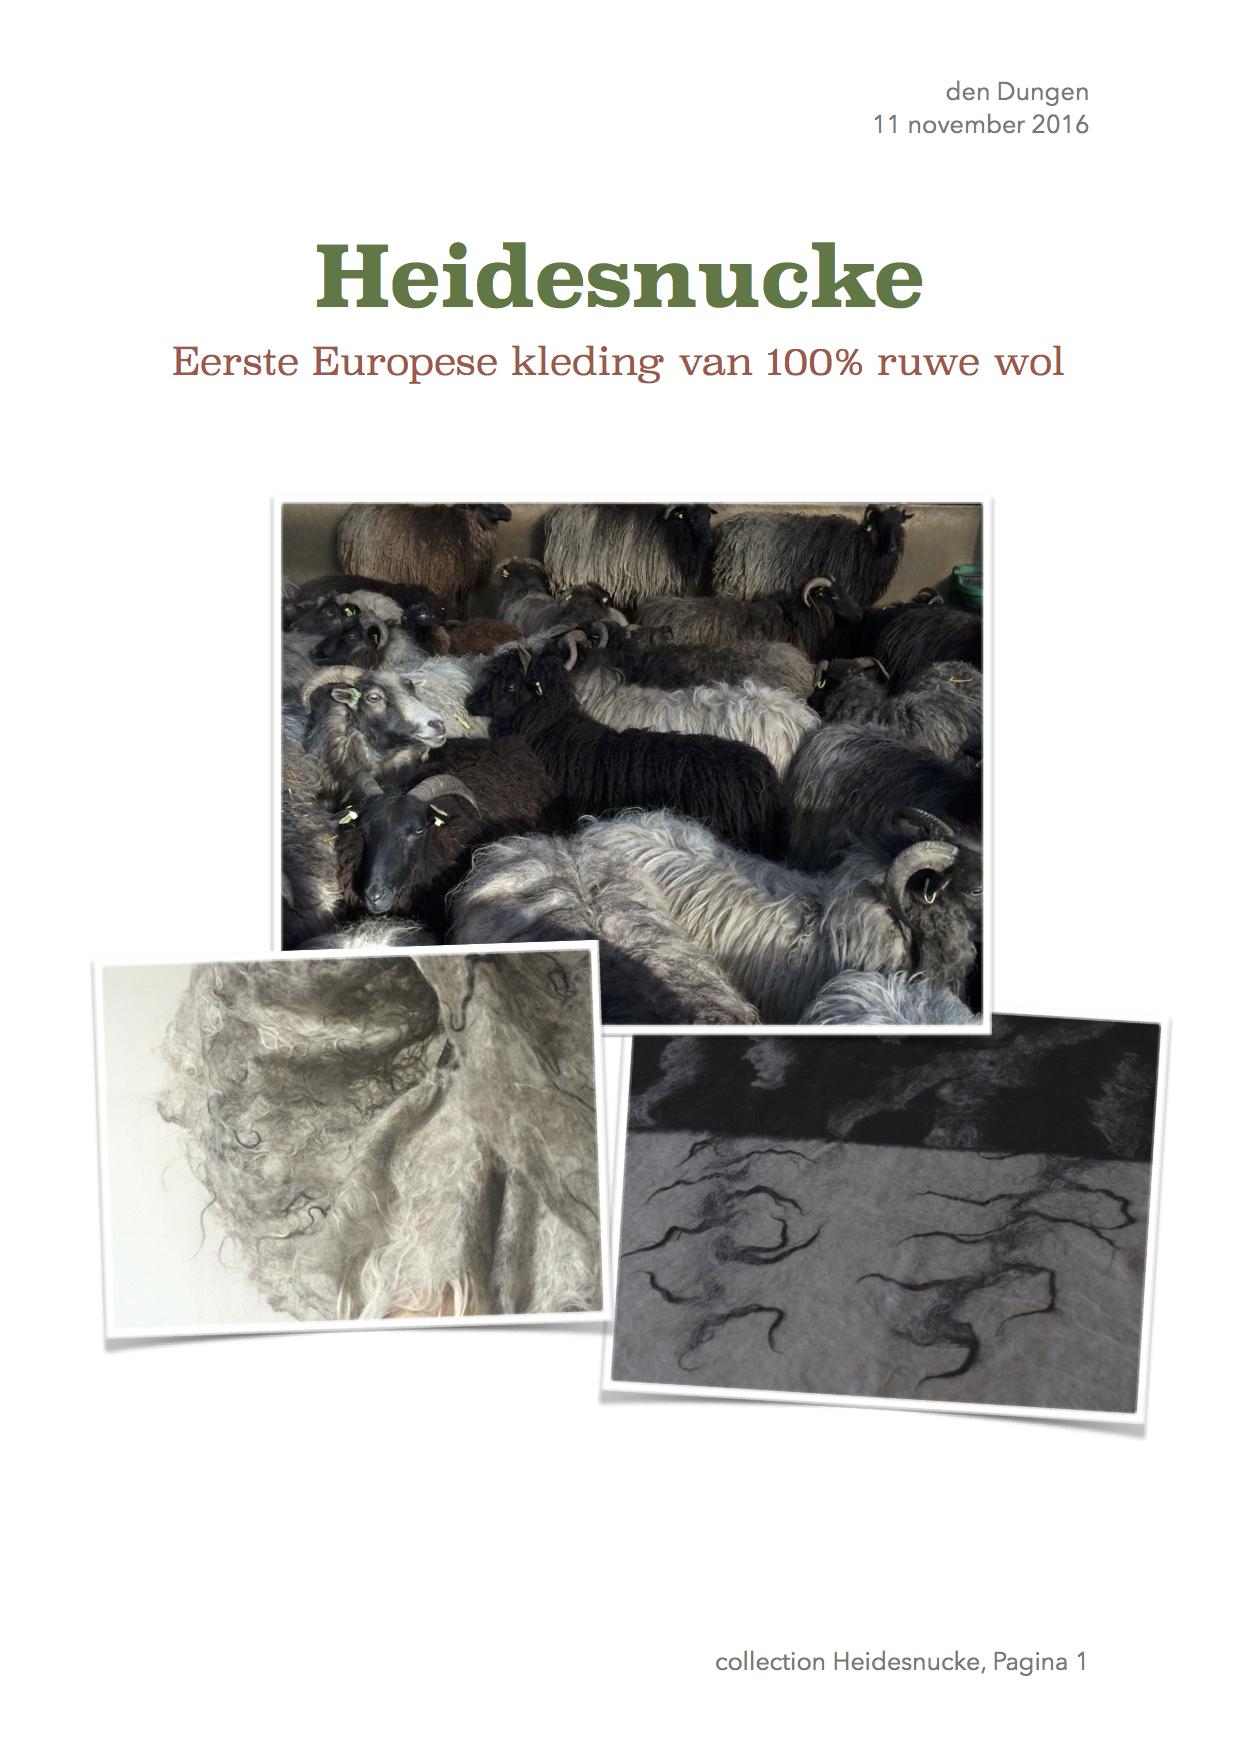 Heidesnucke eerste Europese kleding van 100% ruwe wol